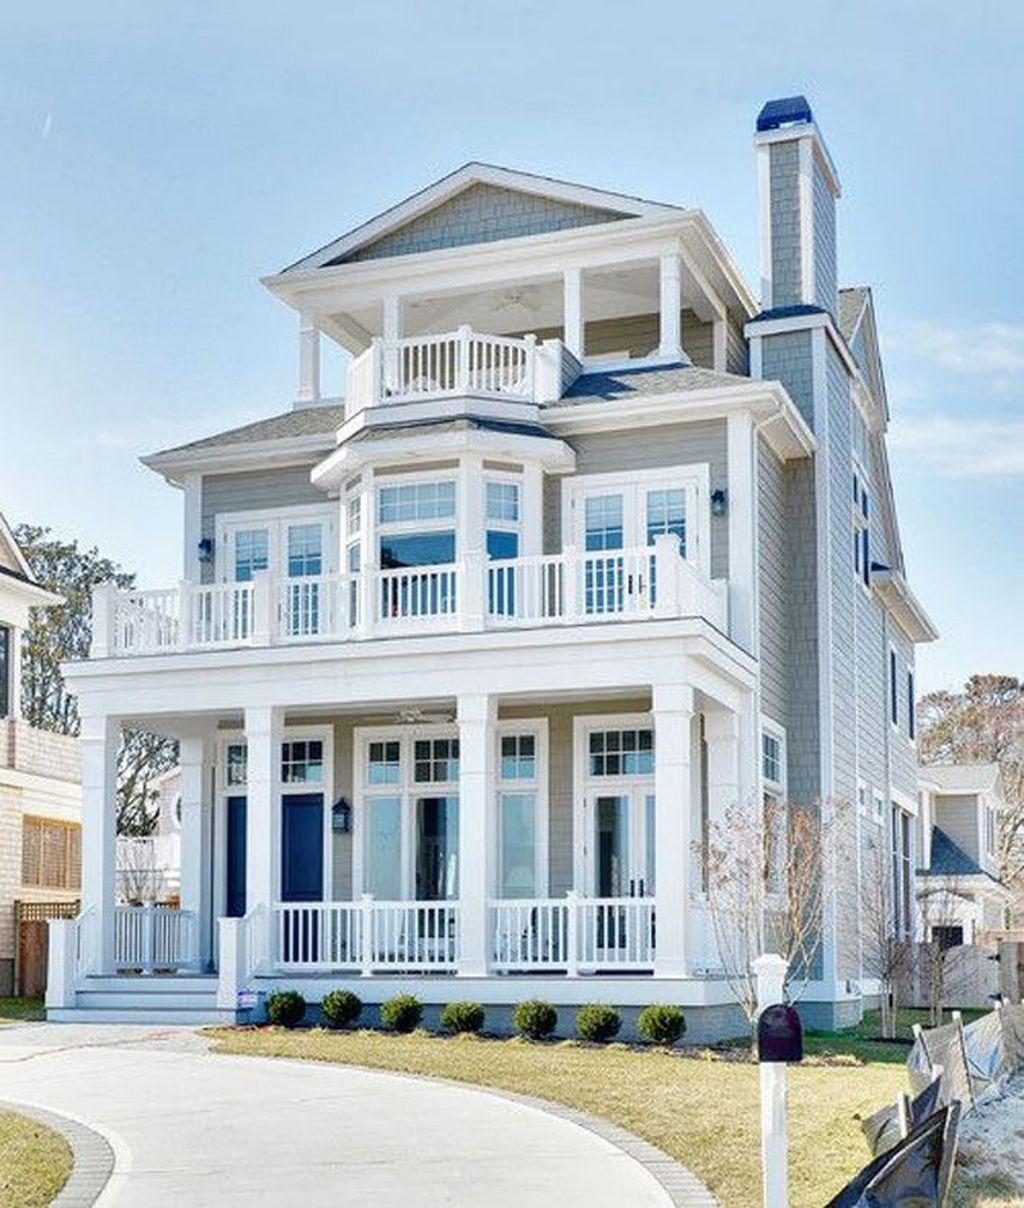 Admirable Beach House Exterior Design Ideas You Will Love 27 Magzhouse Beach House Exterior Modern Beach House House Designs Exterior